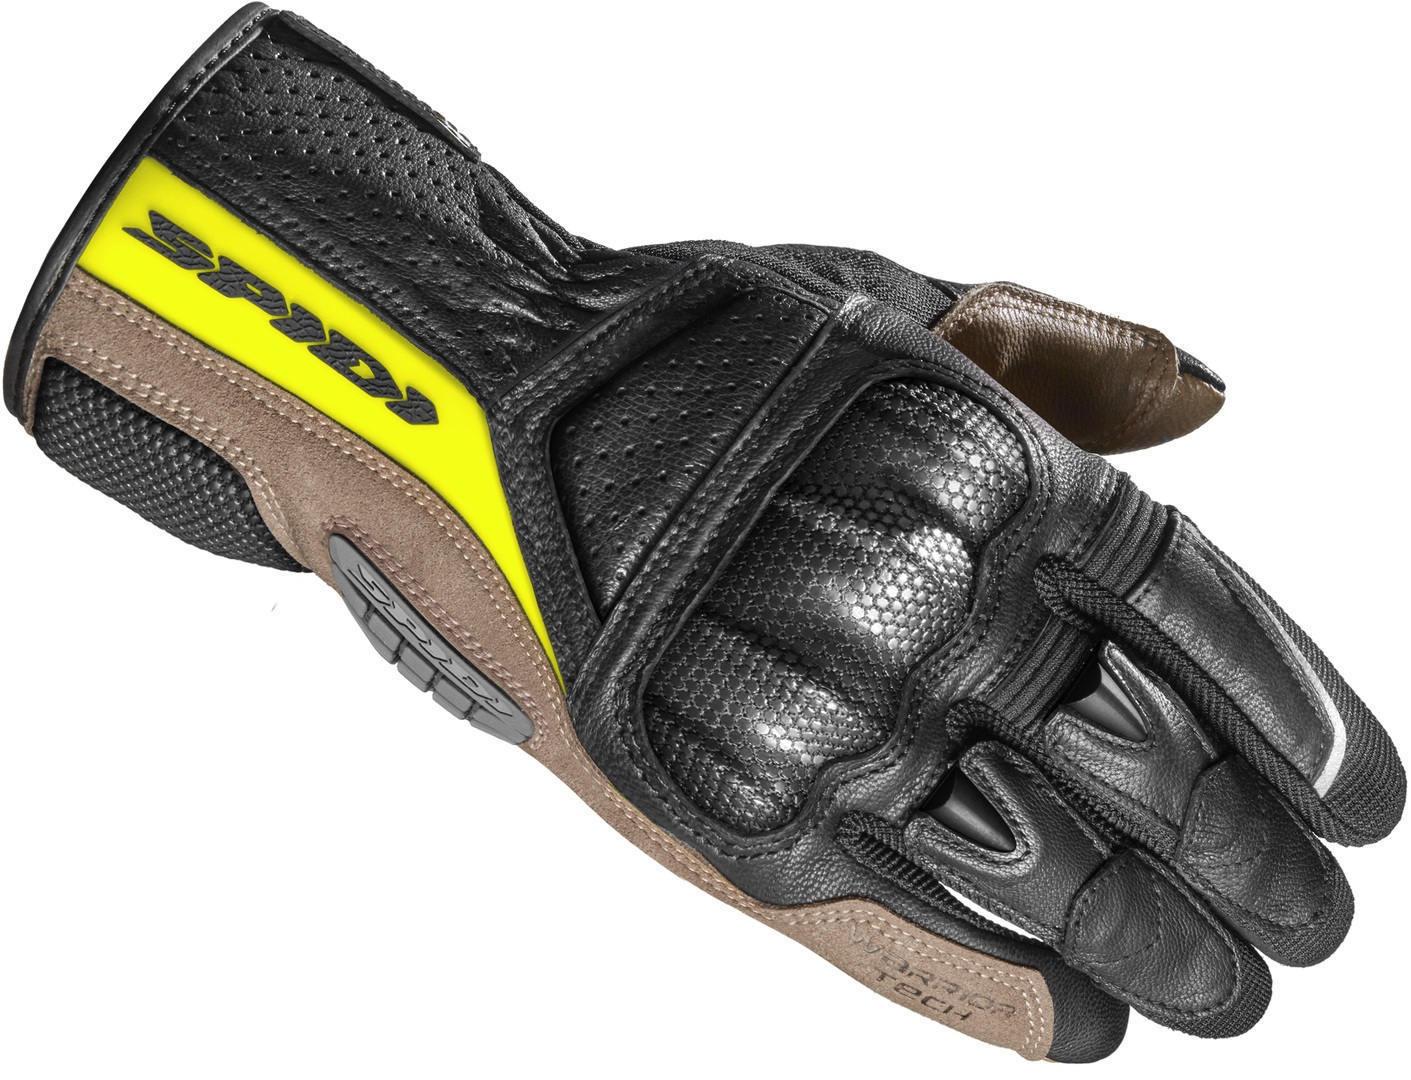 Spidi TX-Pro Gants de moto Noir Jaune taille : XL